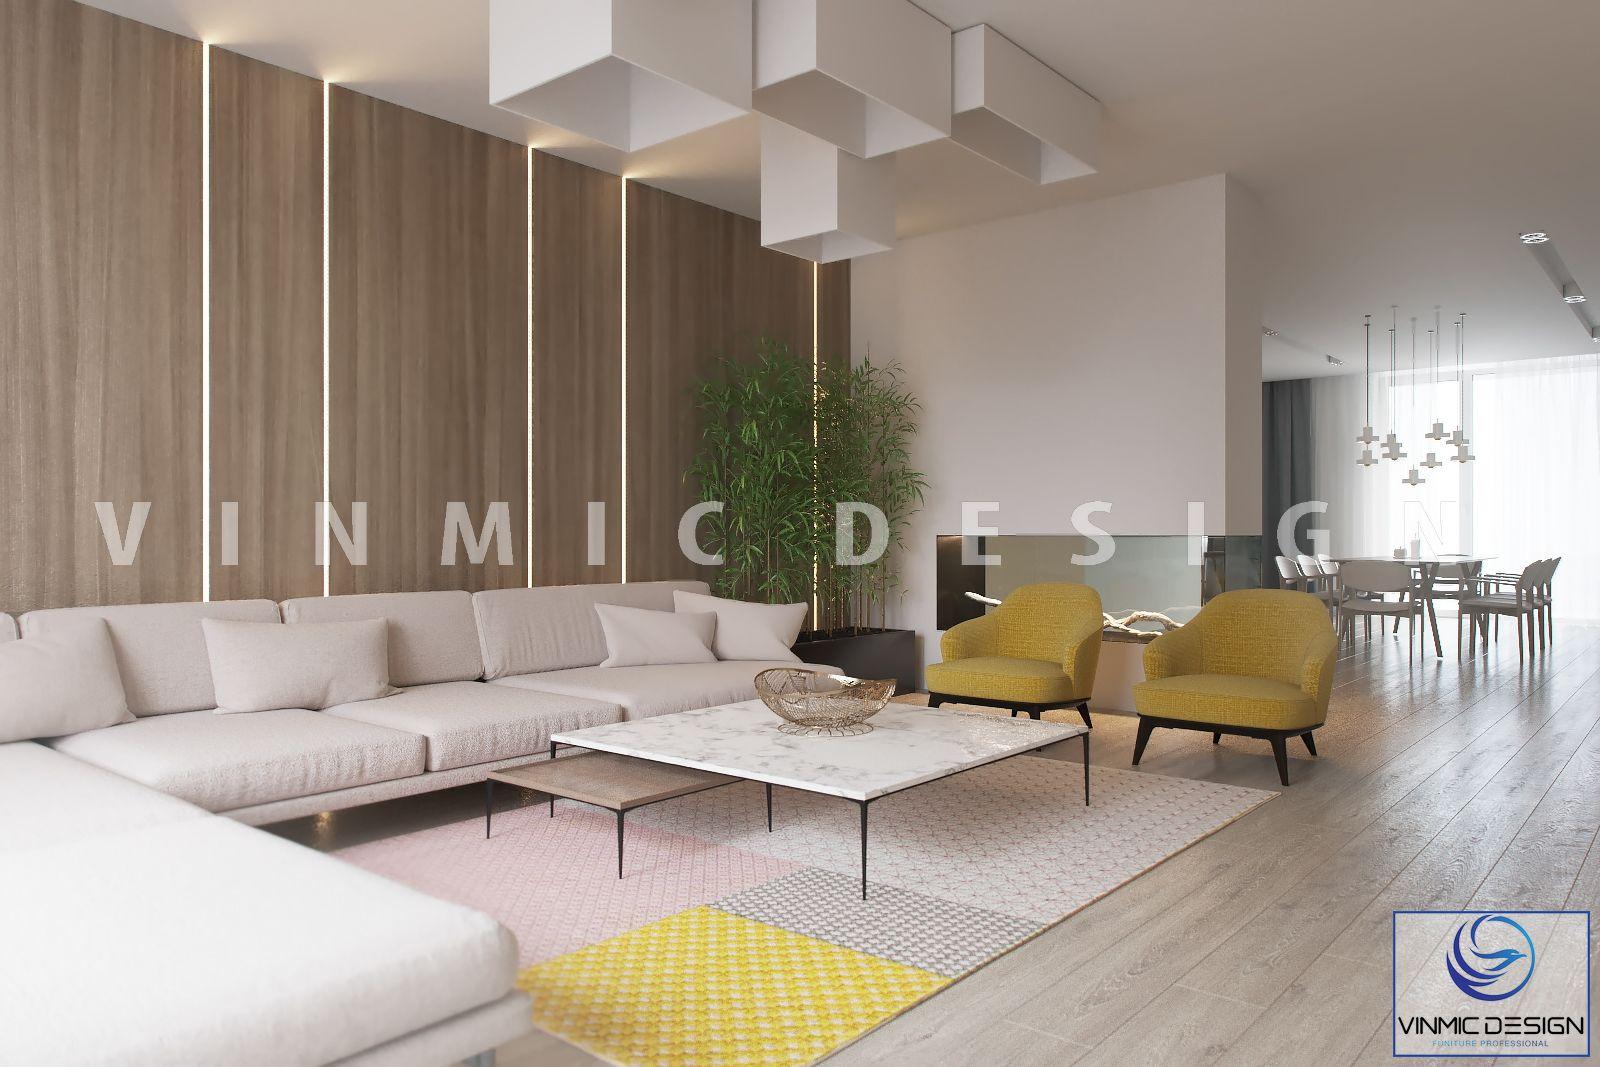 Thiết kế nội thất phòng khách thông thoáng, giúp căn hộ của bạn trông rộng rãi hơn